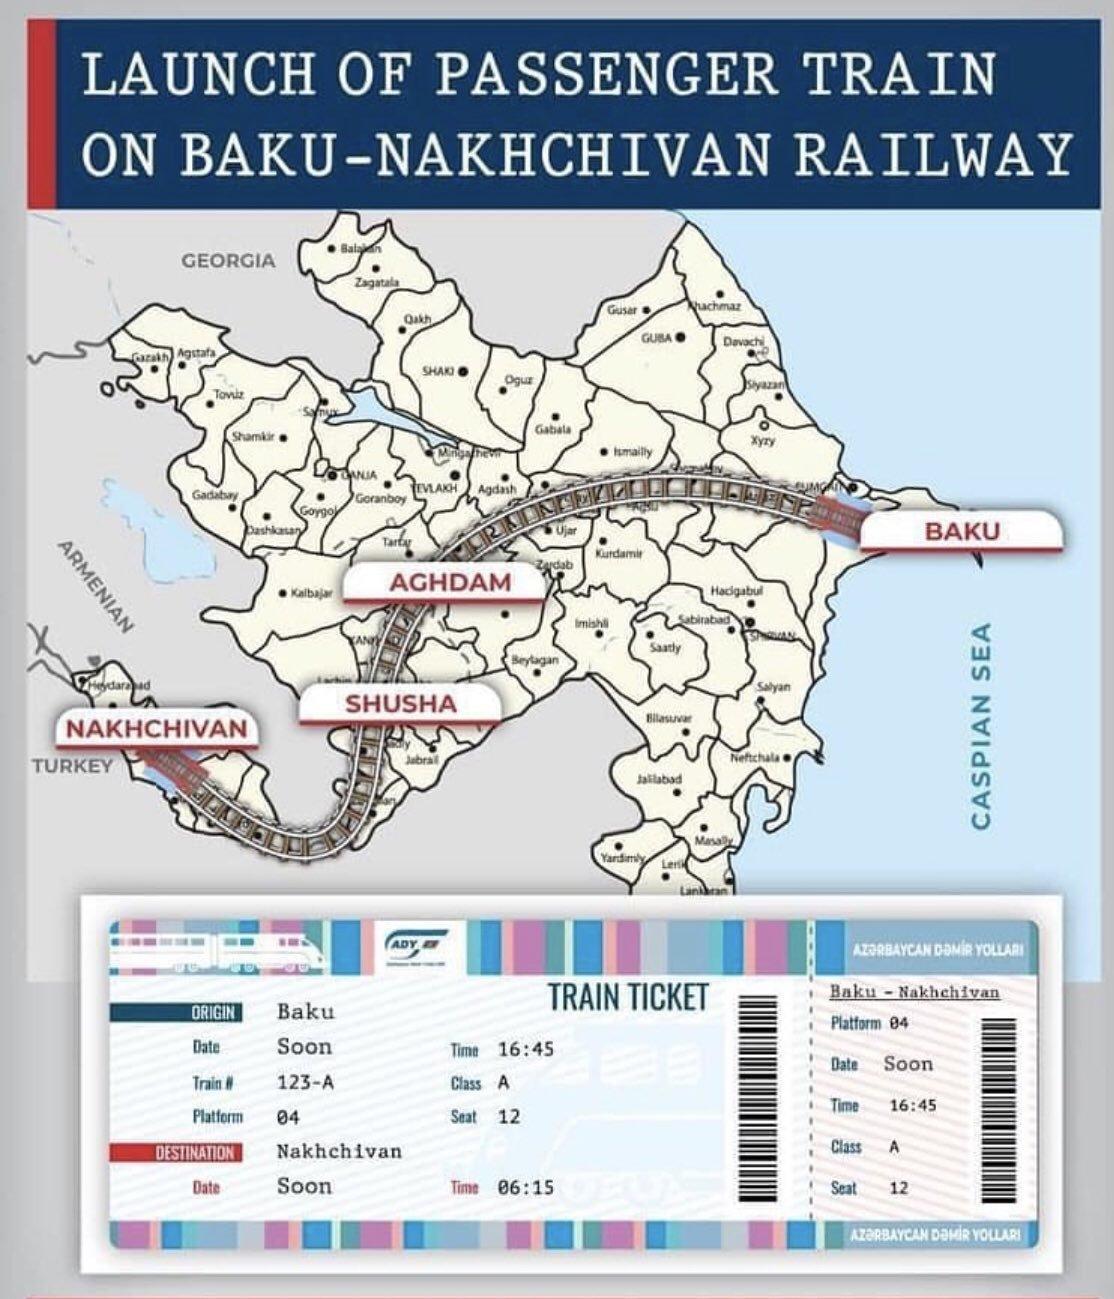 Les travaux préliminaire concernant la ligne de chemin de fer Baku Nakhchivan ont débutés